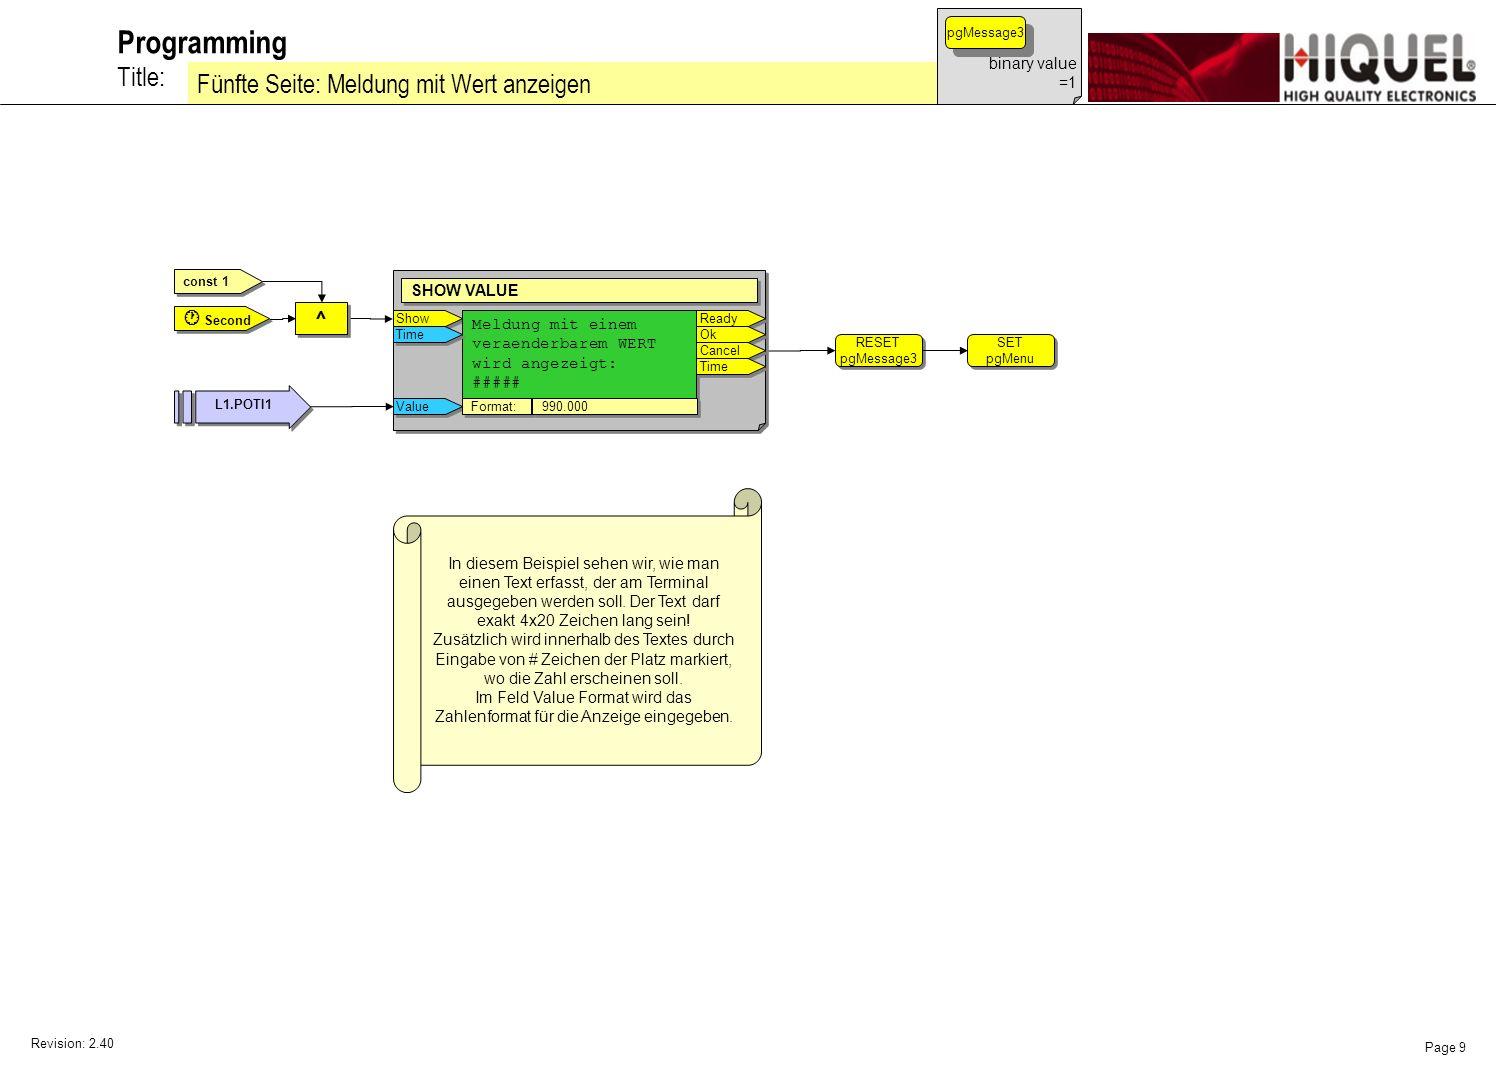 Revision: 2.40 Page 10 Title: Programming Sechste Seite: Text eingeben binary value =1 pgMessage4 const 1 SET pgMenu SET pgMenu RESET pgMessage4 RESET pgMessage4 Text Edit EDIT TEXT Time Folgender TEXT soll gespeichert werden: ###### Folgender TEXT soll gespeichert werden: ###### Ready Ok Cancel Time Default Text SET pgMenu SET pgMenu RESET pgMessage4 RESET pgMessage4 Text Dieses Beispiel zeigt uns, wie man einen Text auf das Terminal übertragen kann.